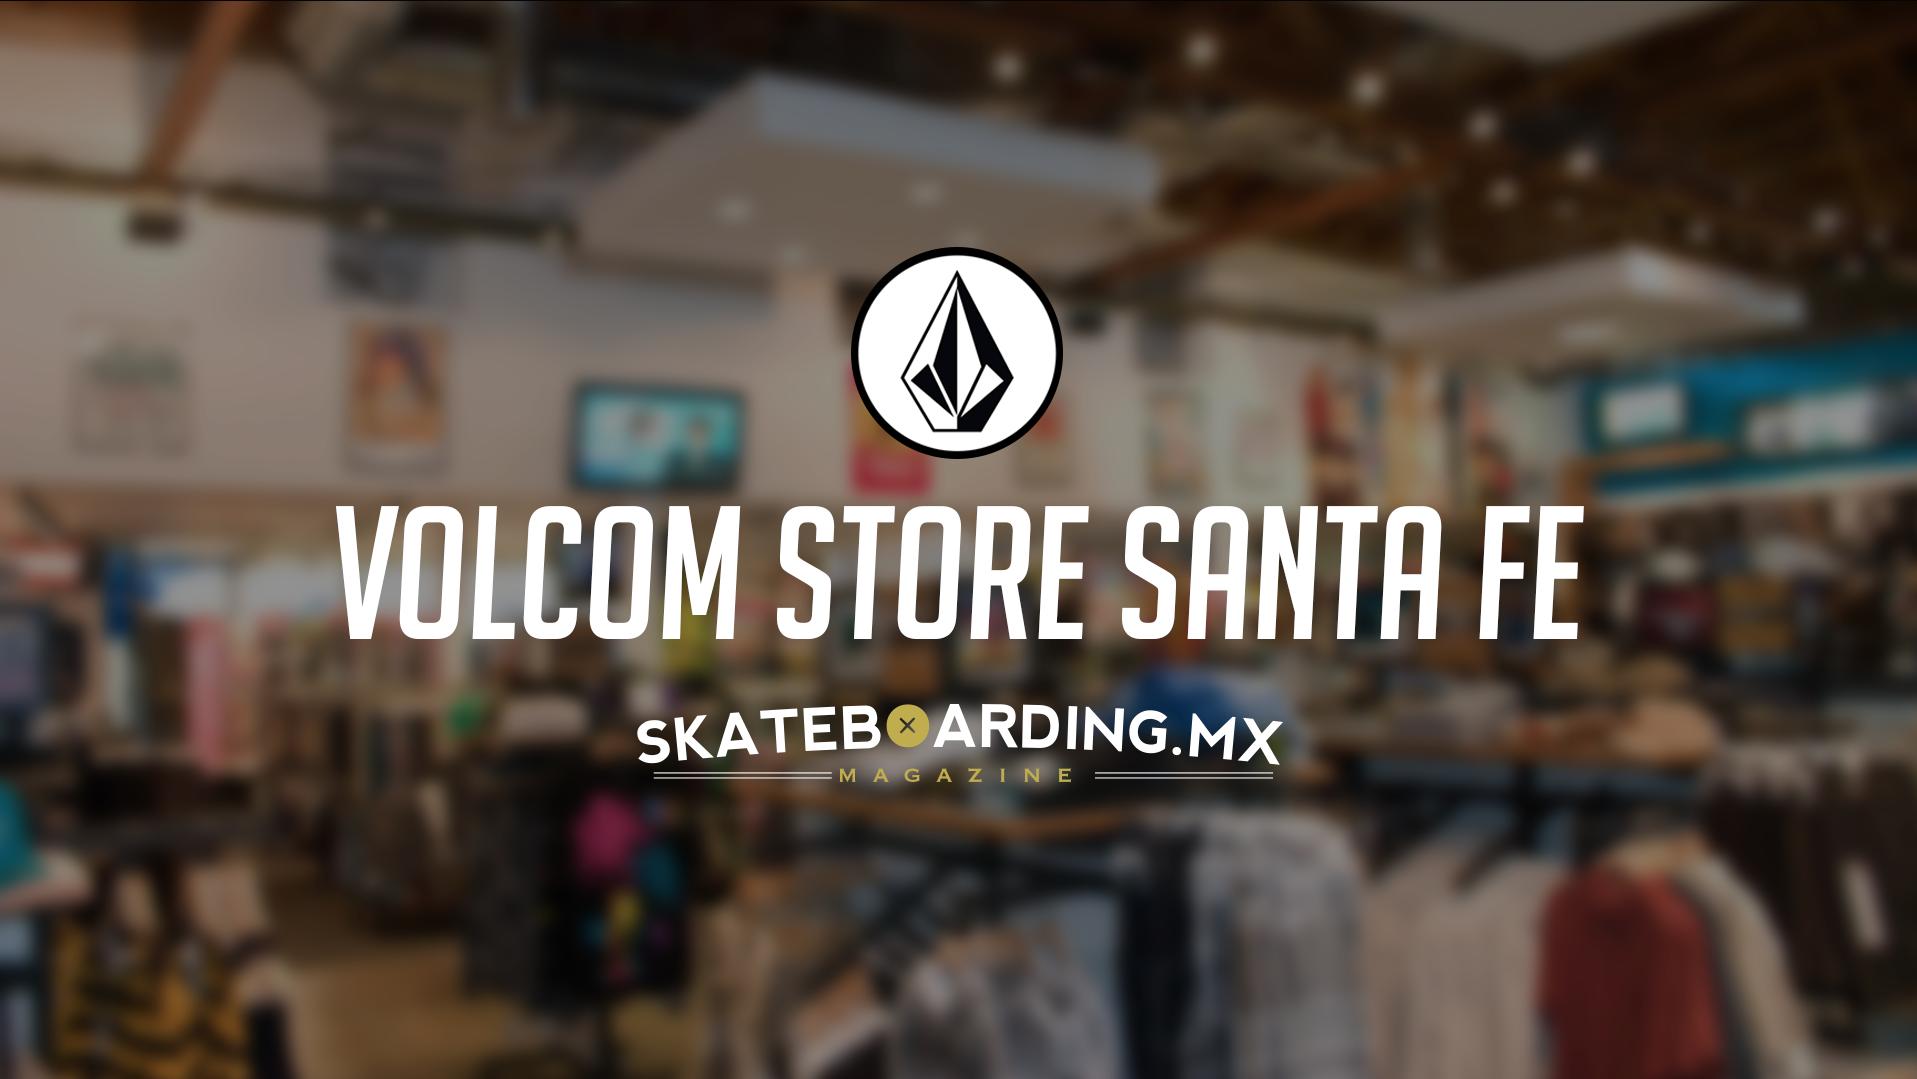 Clothing stores santa fe